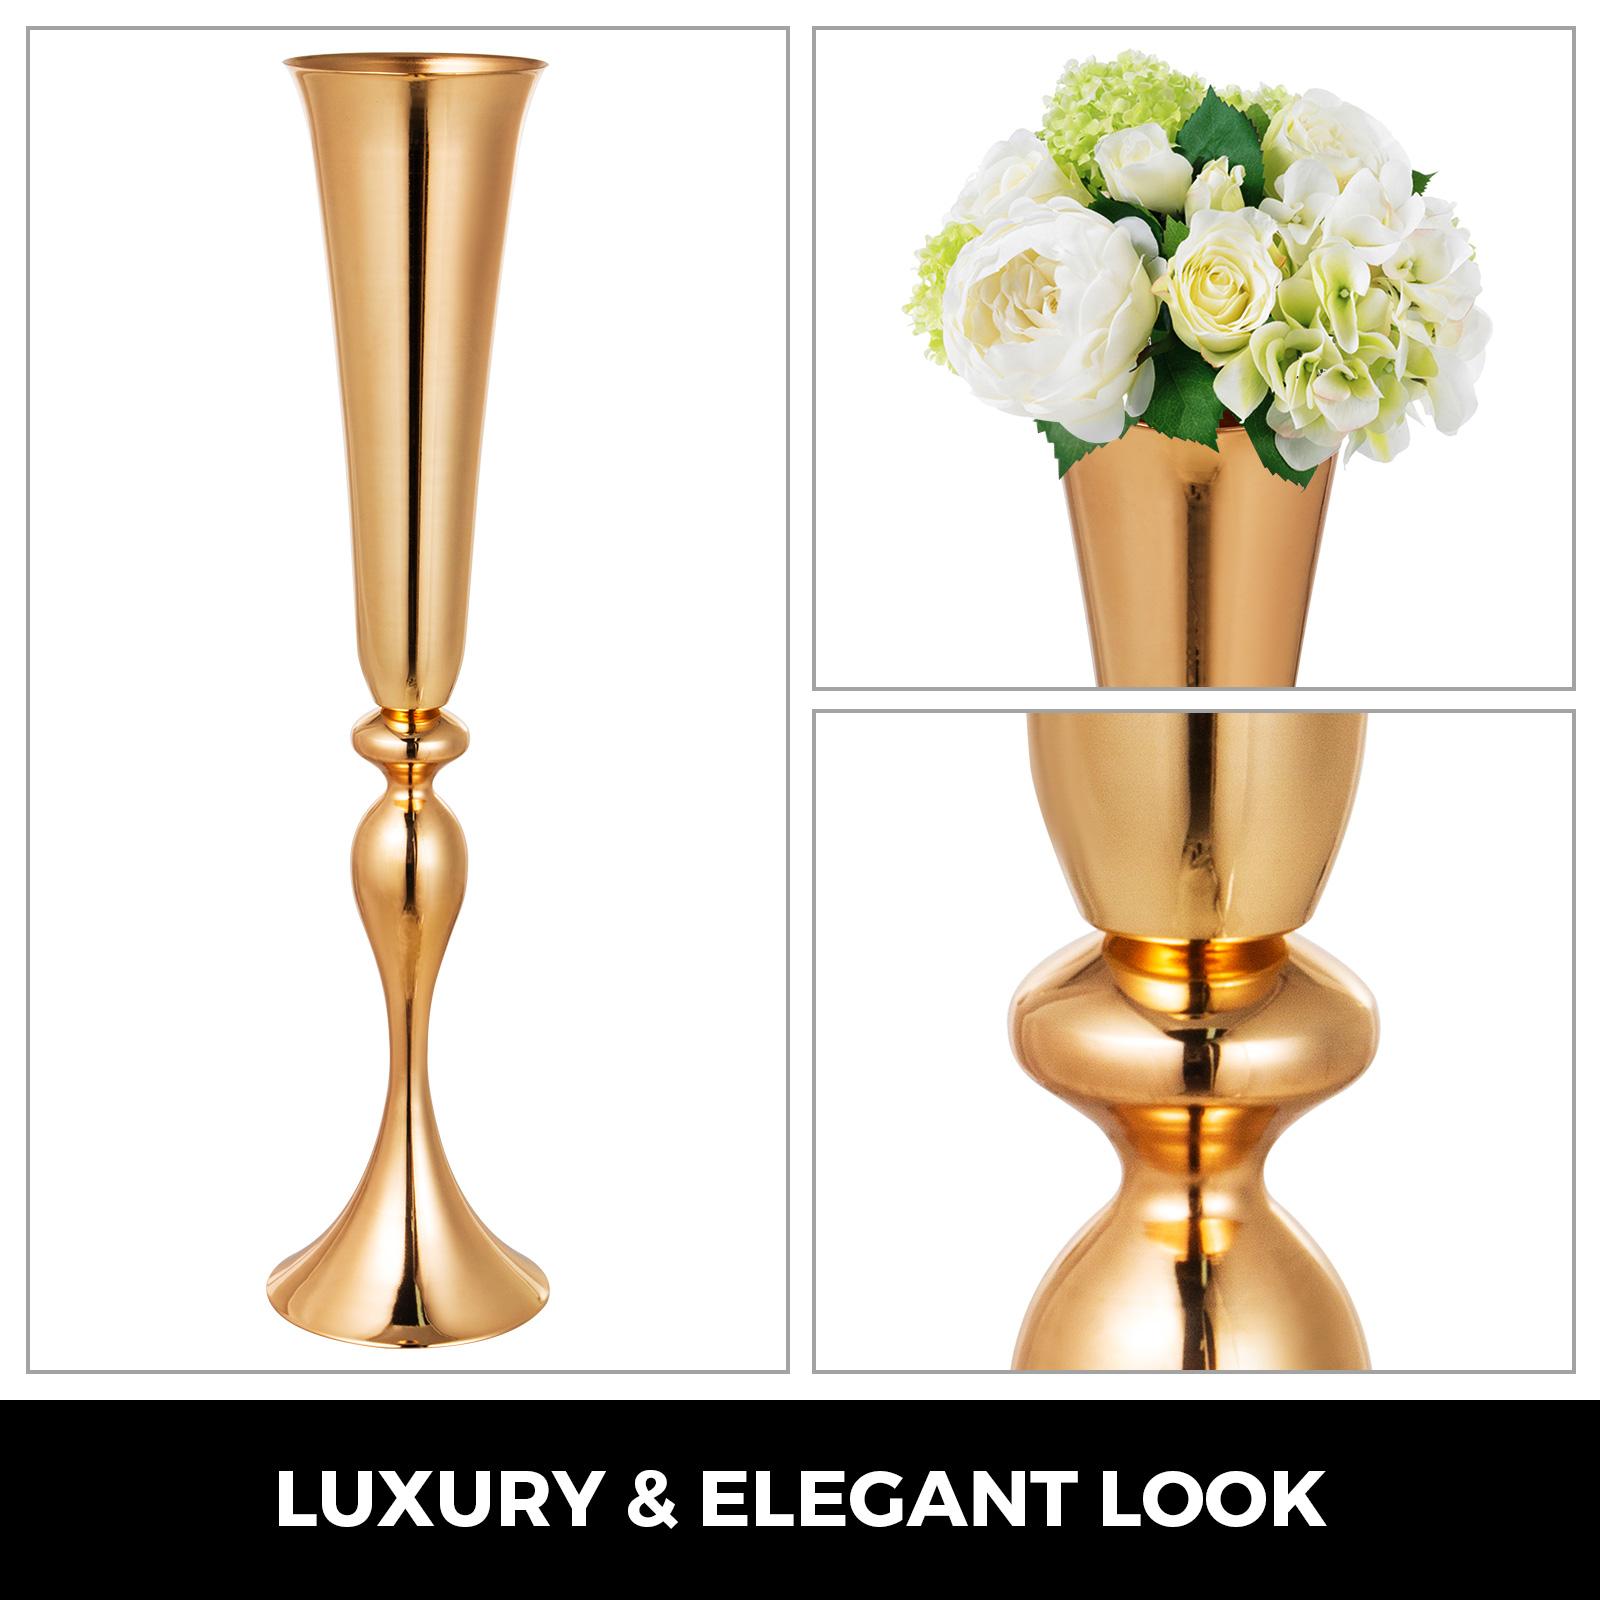 Trumpet-Vase-Flower-Vases-Centerpiece-29-5-034-22-034-for-Party-Celebration-Events thumbnail 87